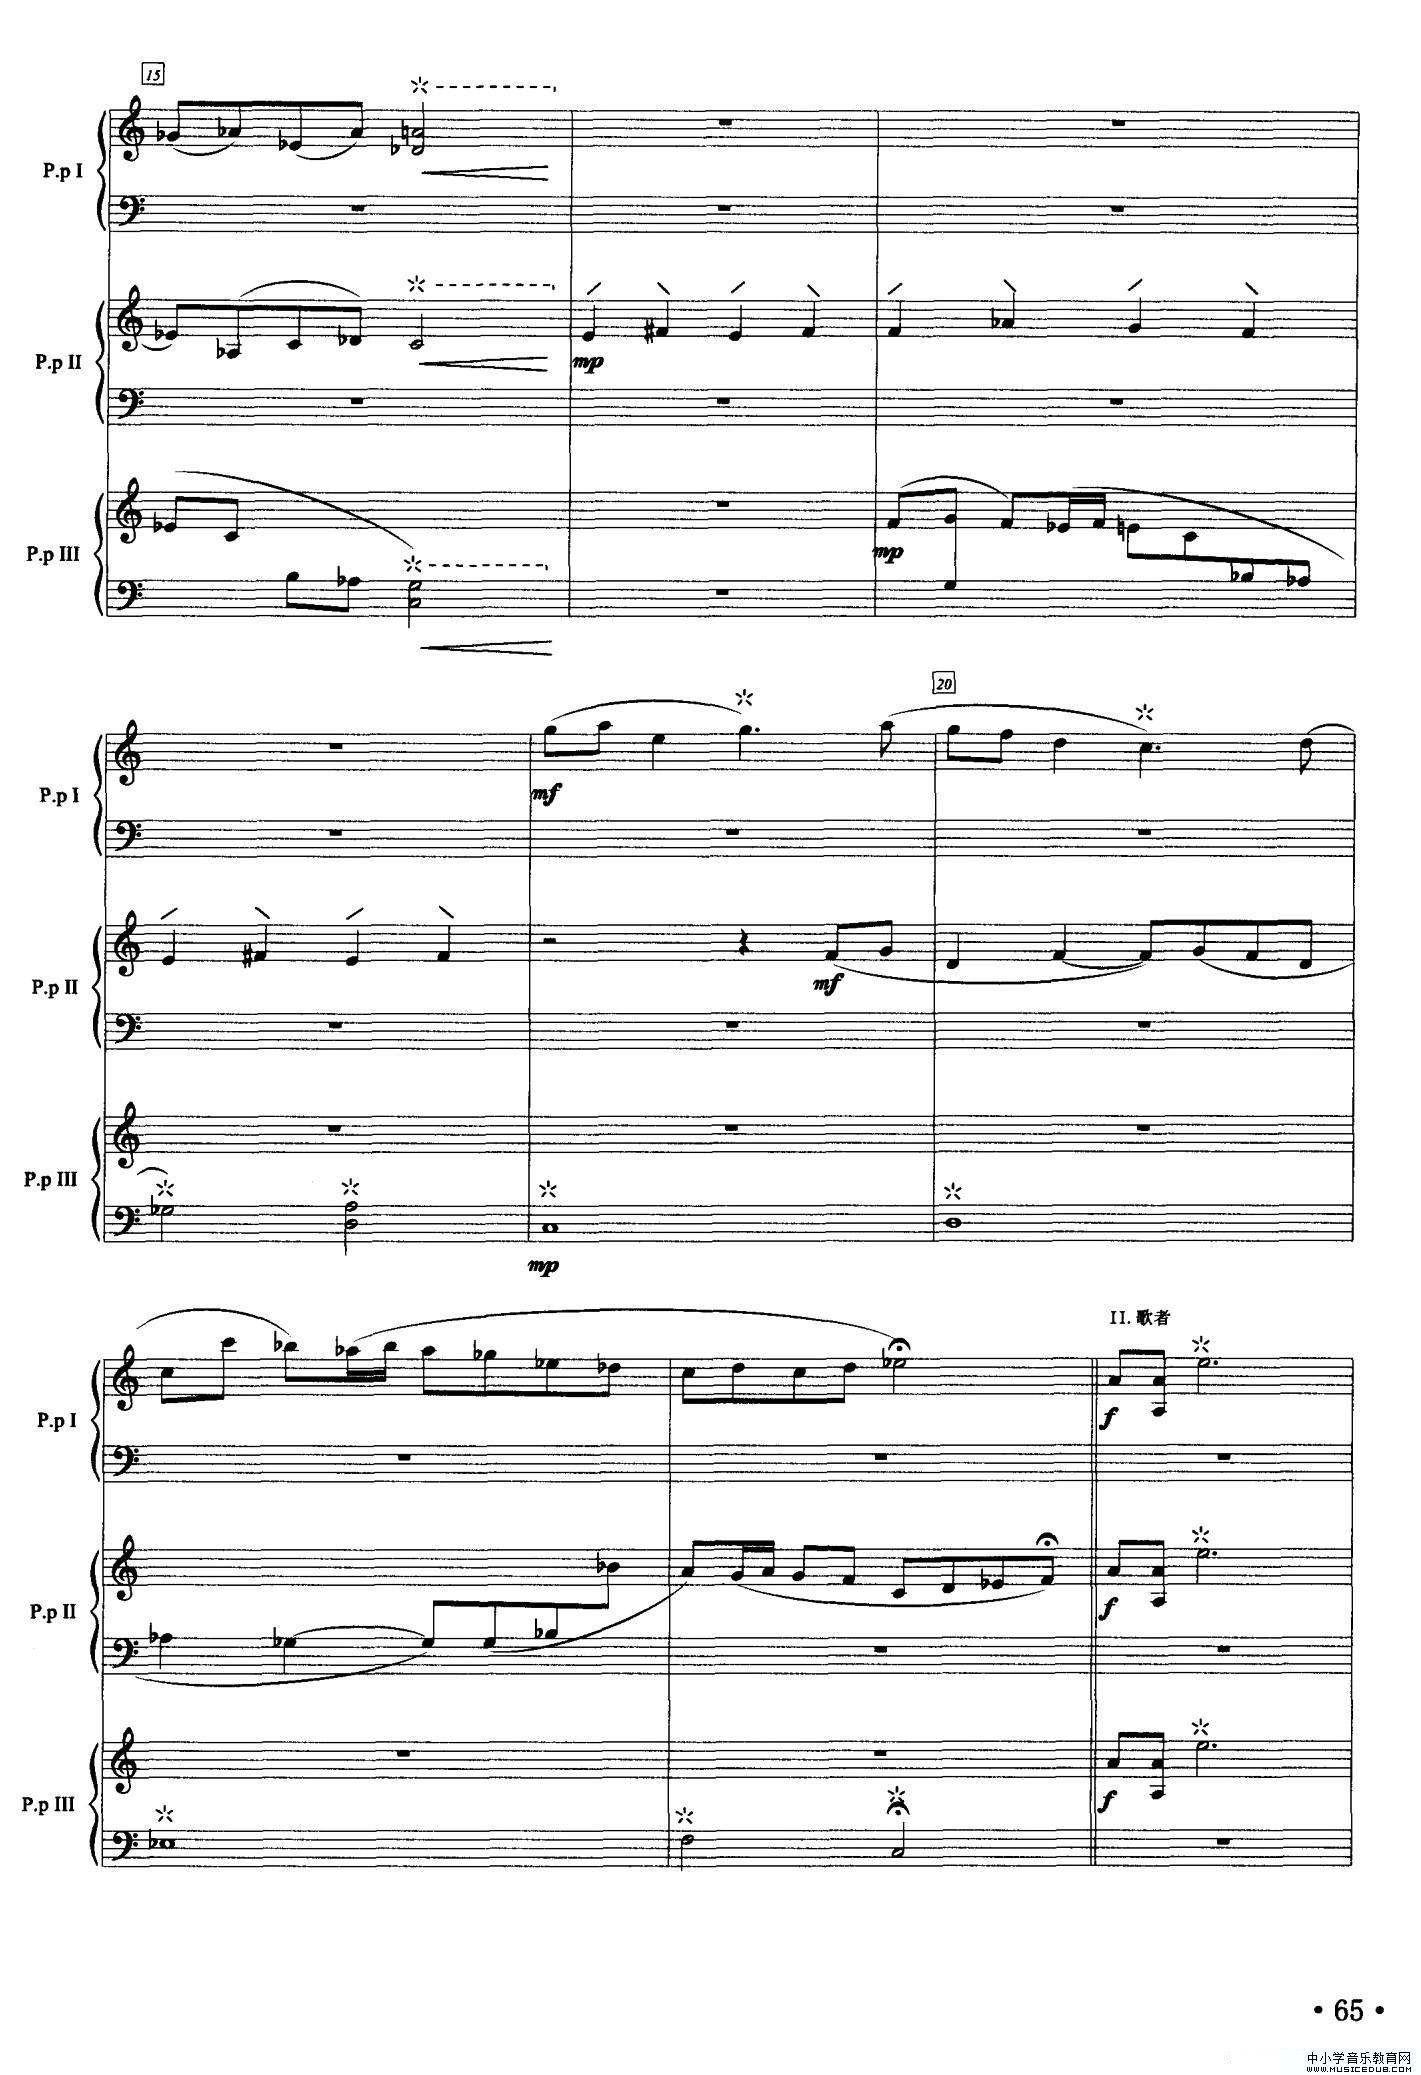 天际素描(三重奏、五线谱)4